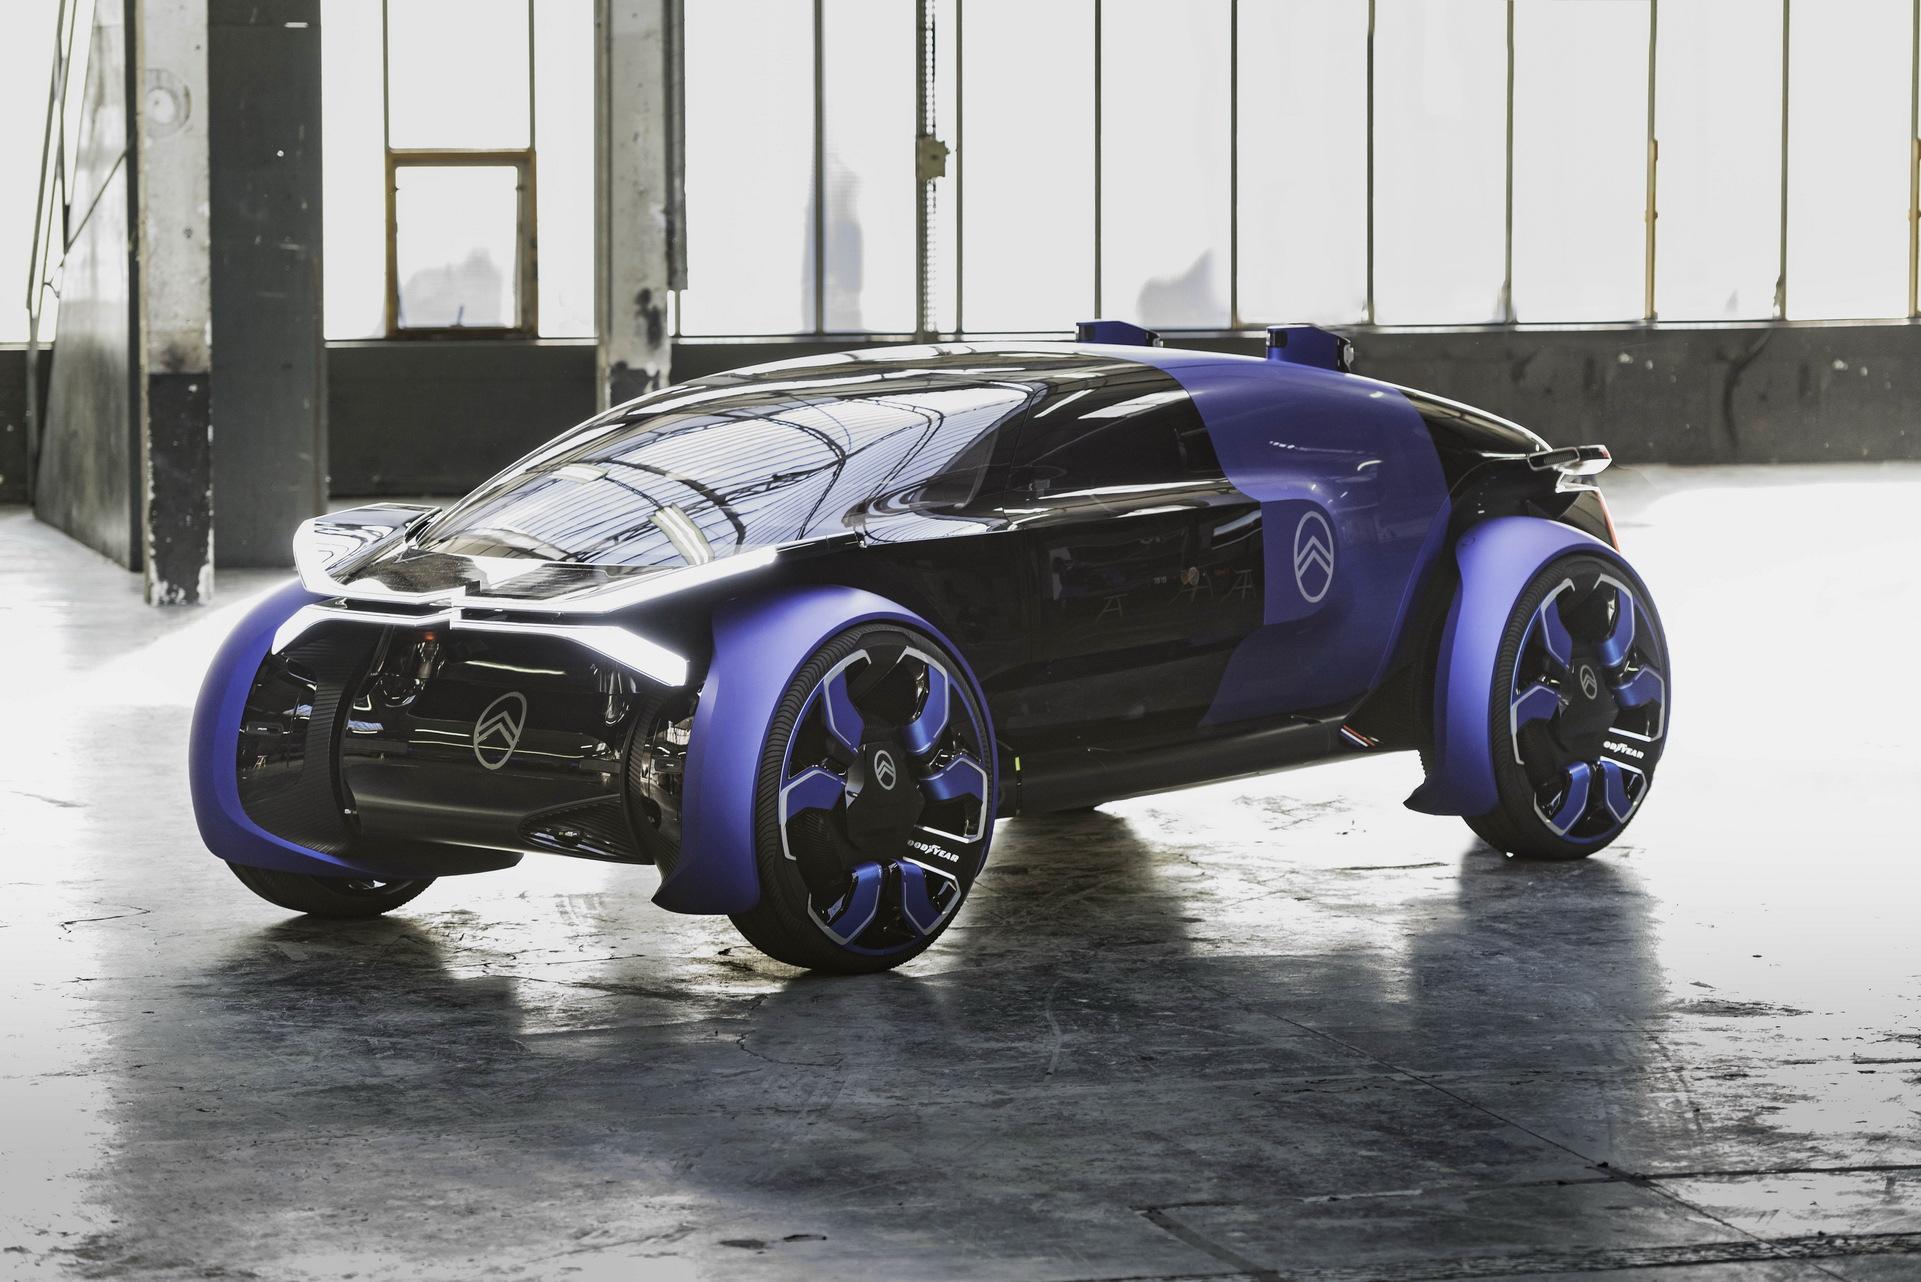 Концепт Citroen 19_19 проедет 800 км без подзарядки на 30-дюймовых колесах